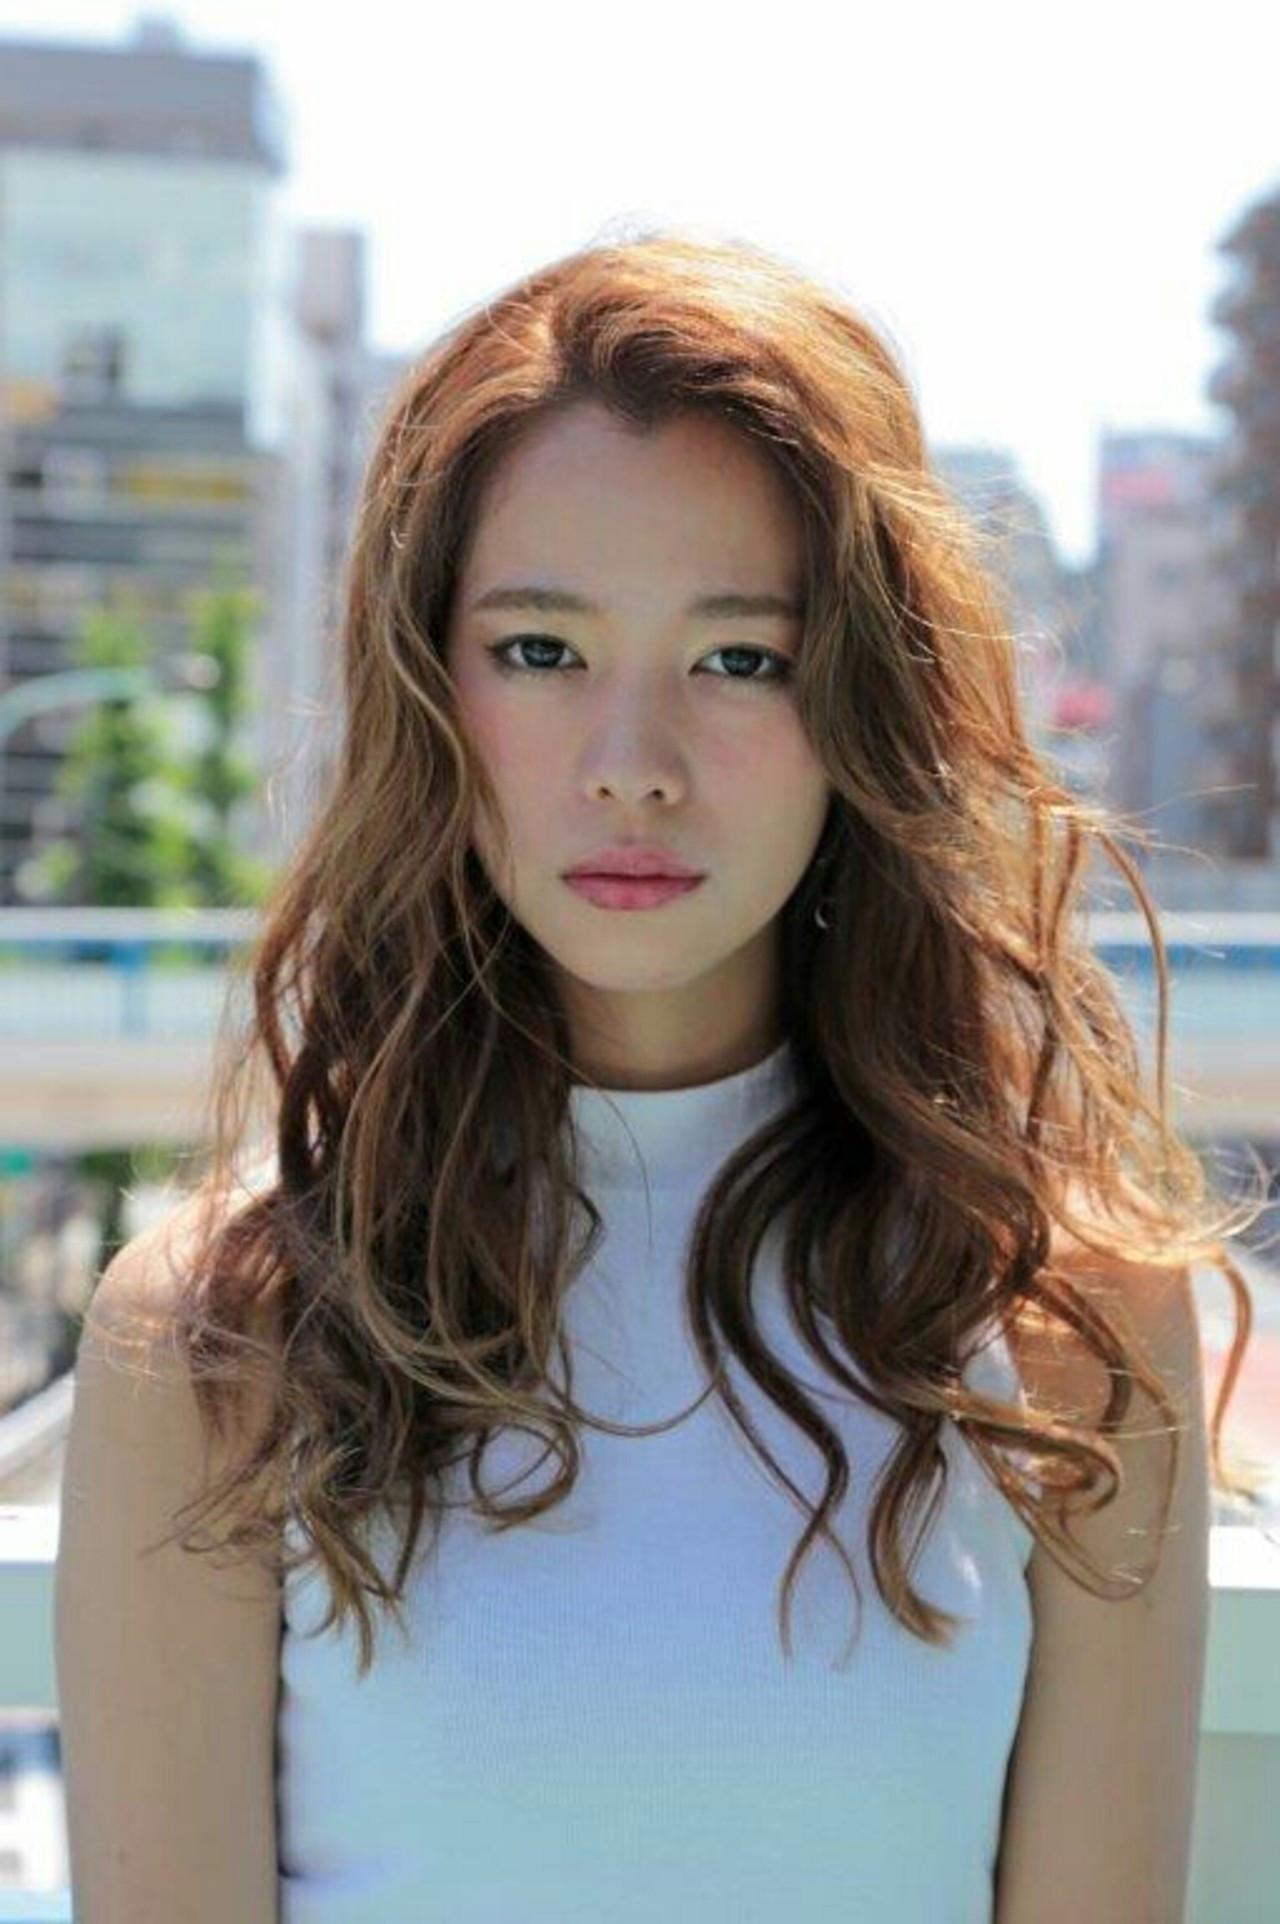 モード フェミニン 外国人風 ロング ヘアスタイルや髪型の写真・画像